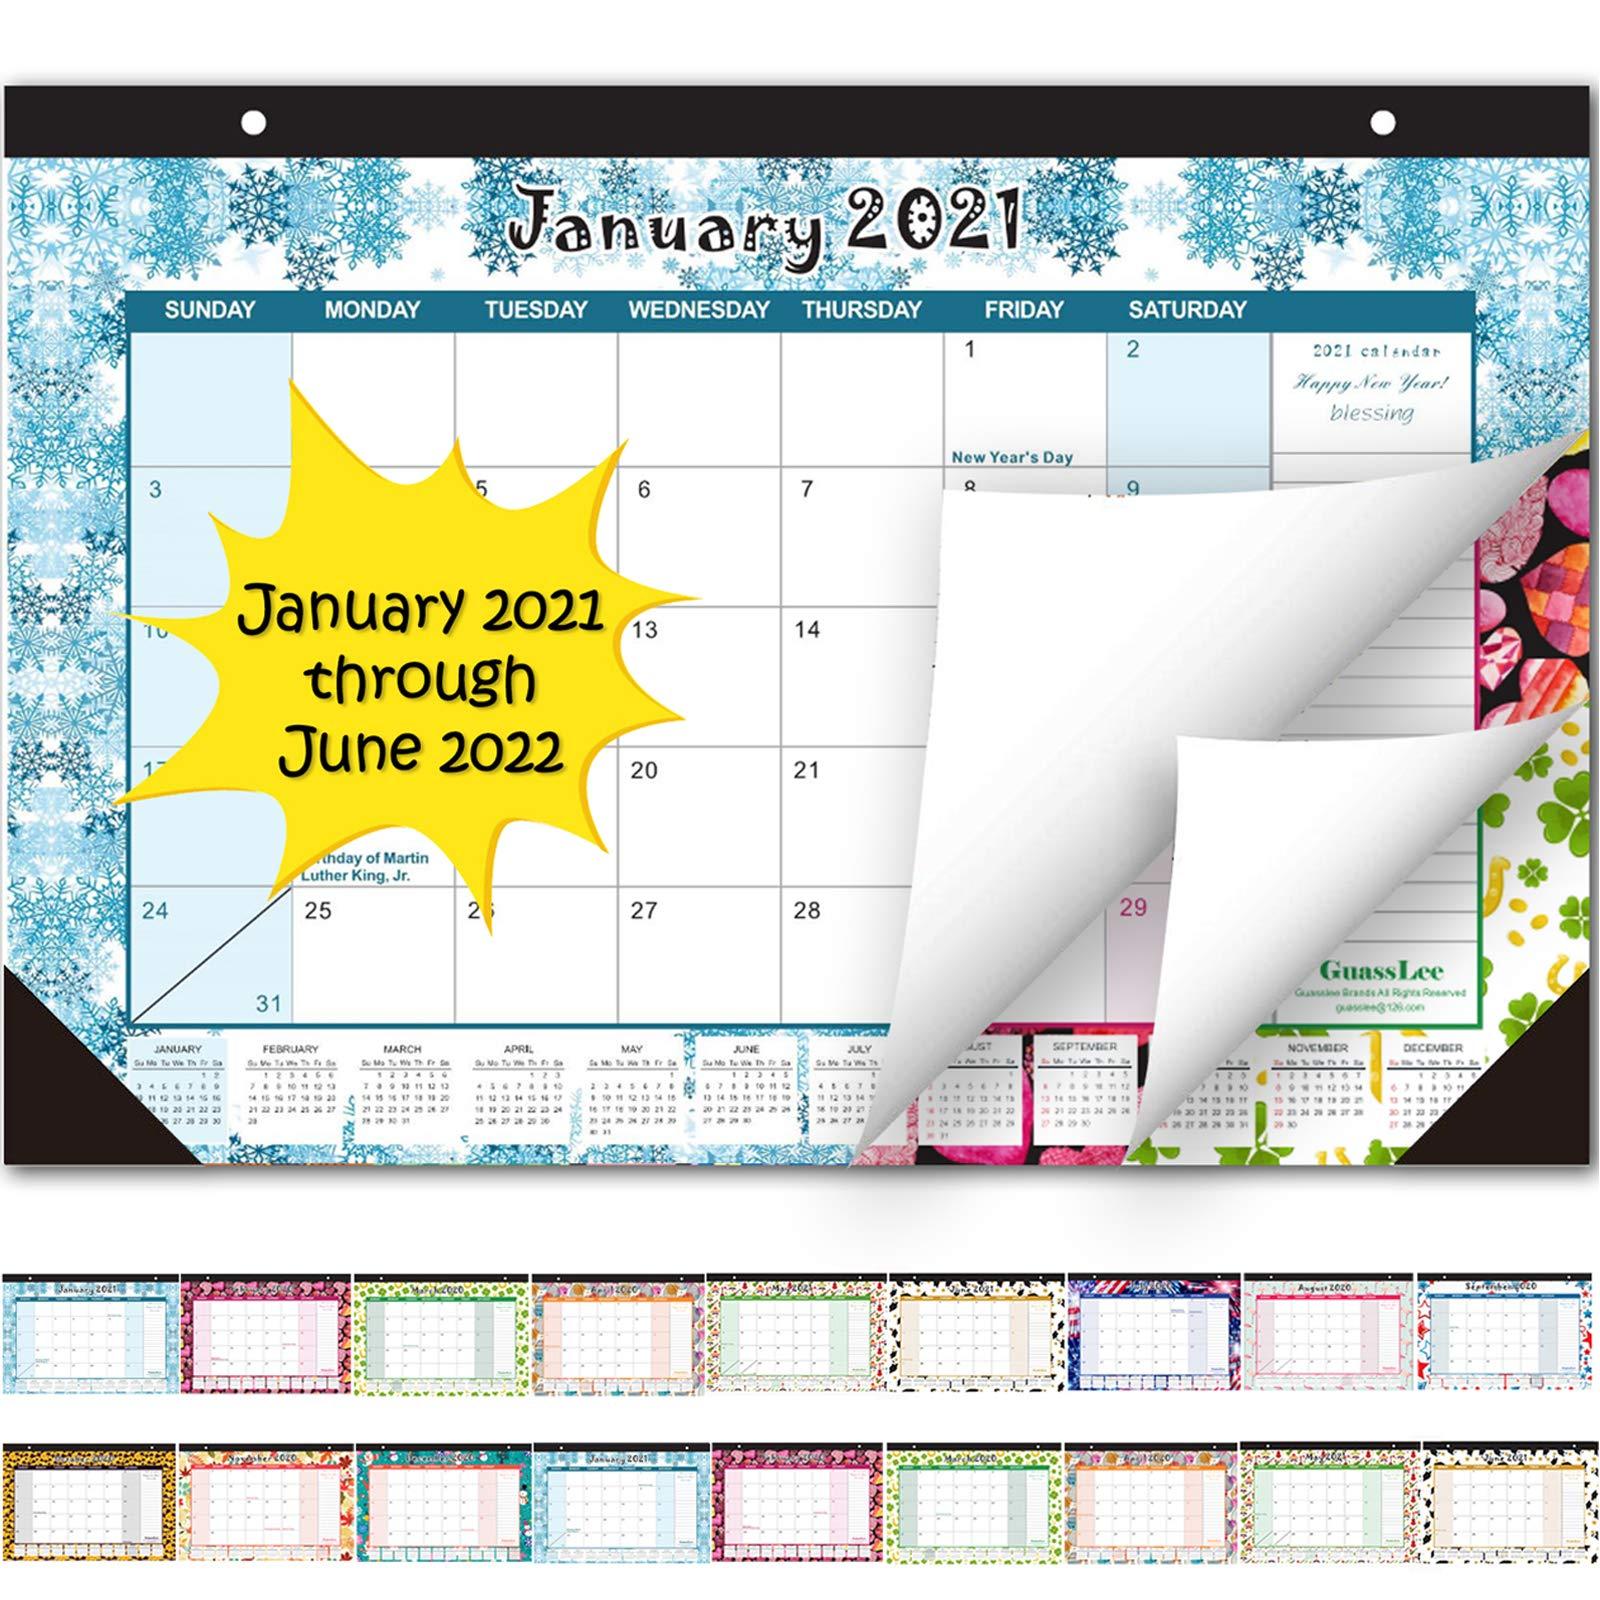 Desk Calendar 2021-2022 Amazon.: Desk Calendar 2021 2022: Large Monthly Pages 17 x 11